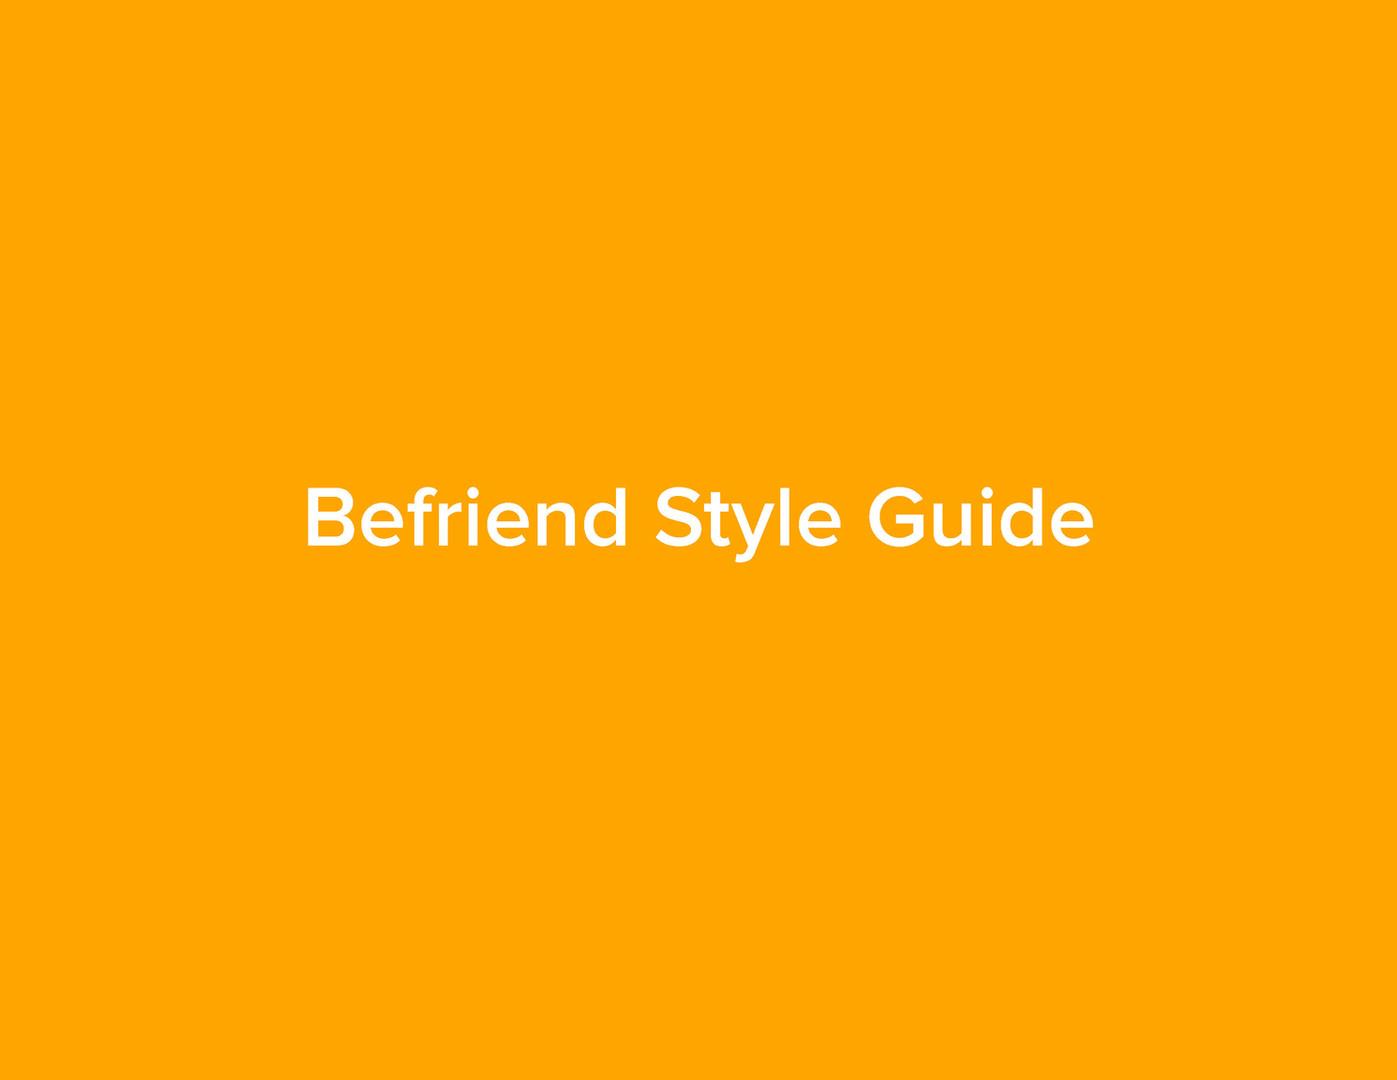 Befriend_StyleGuide_Page_01.jpg